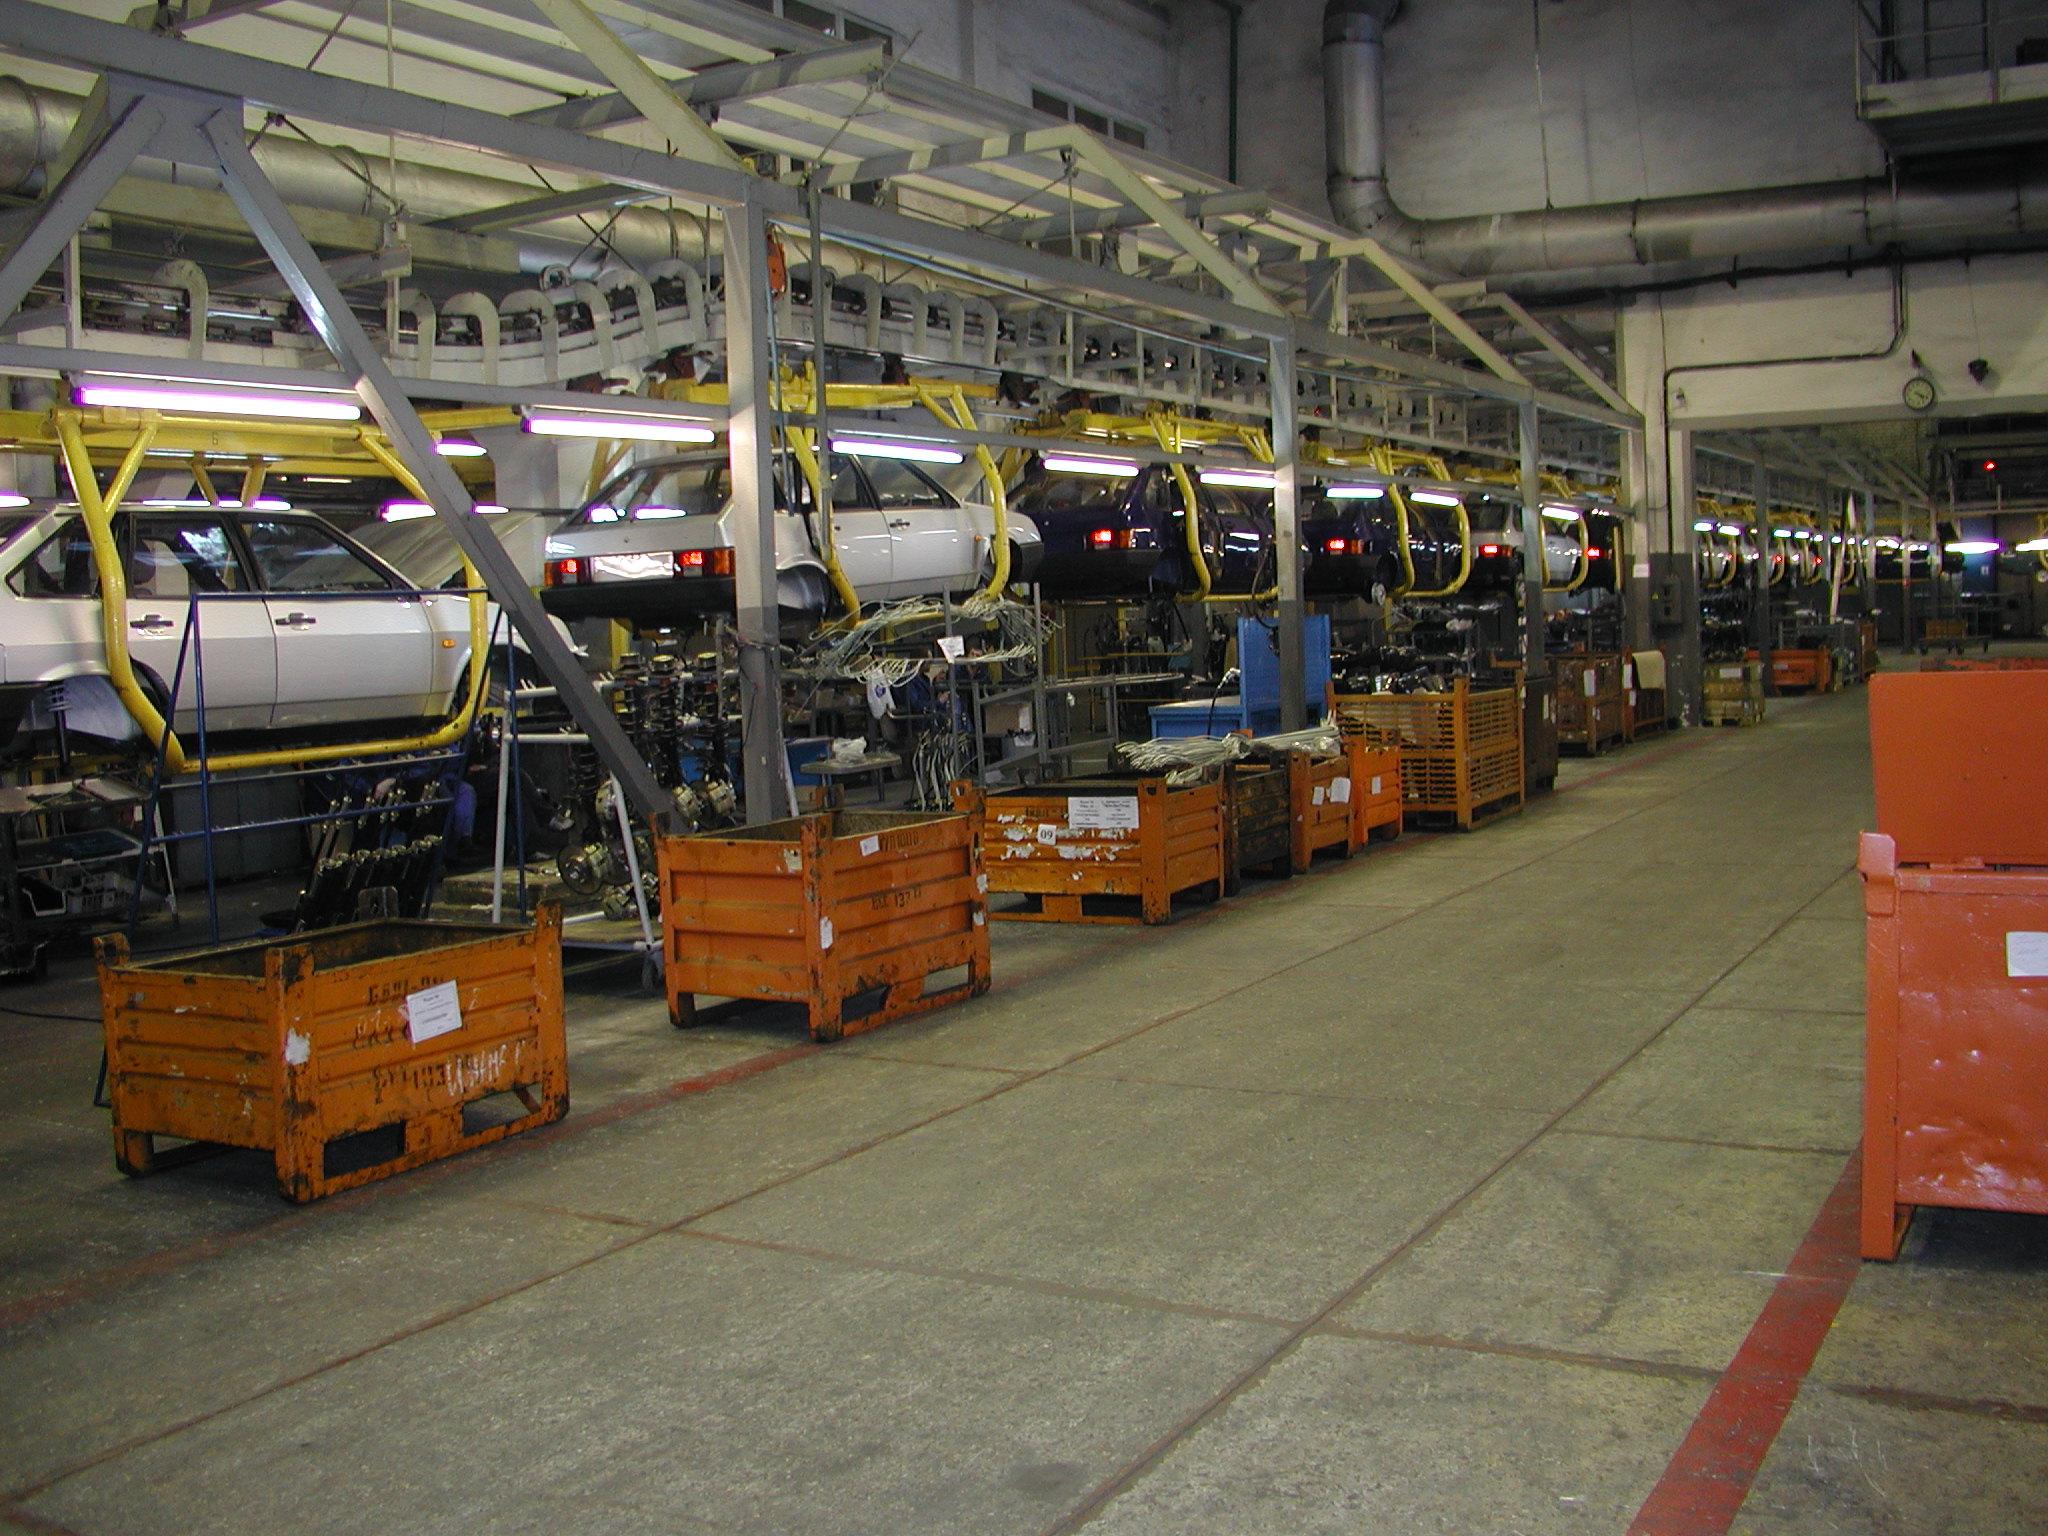 Конвейер по производству автомобилей высота прохода под конвейером